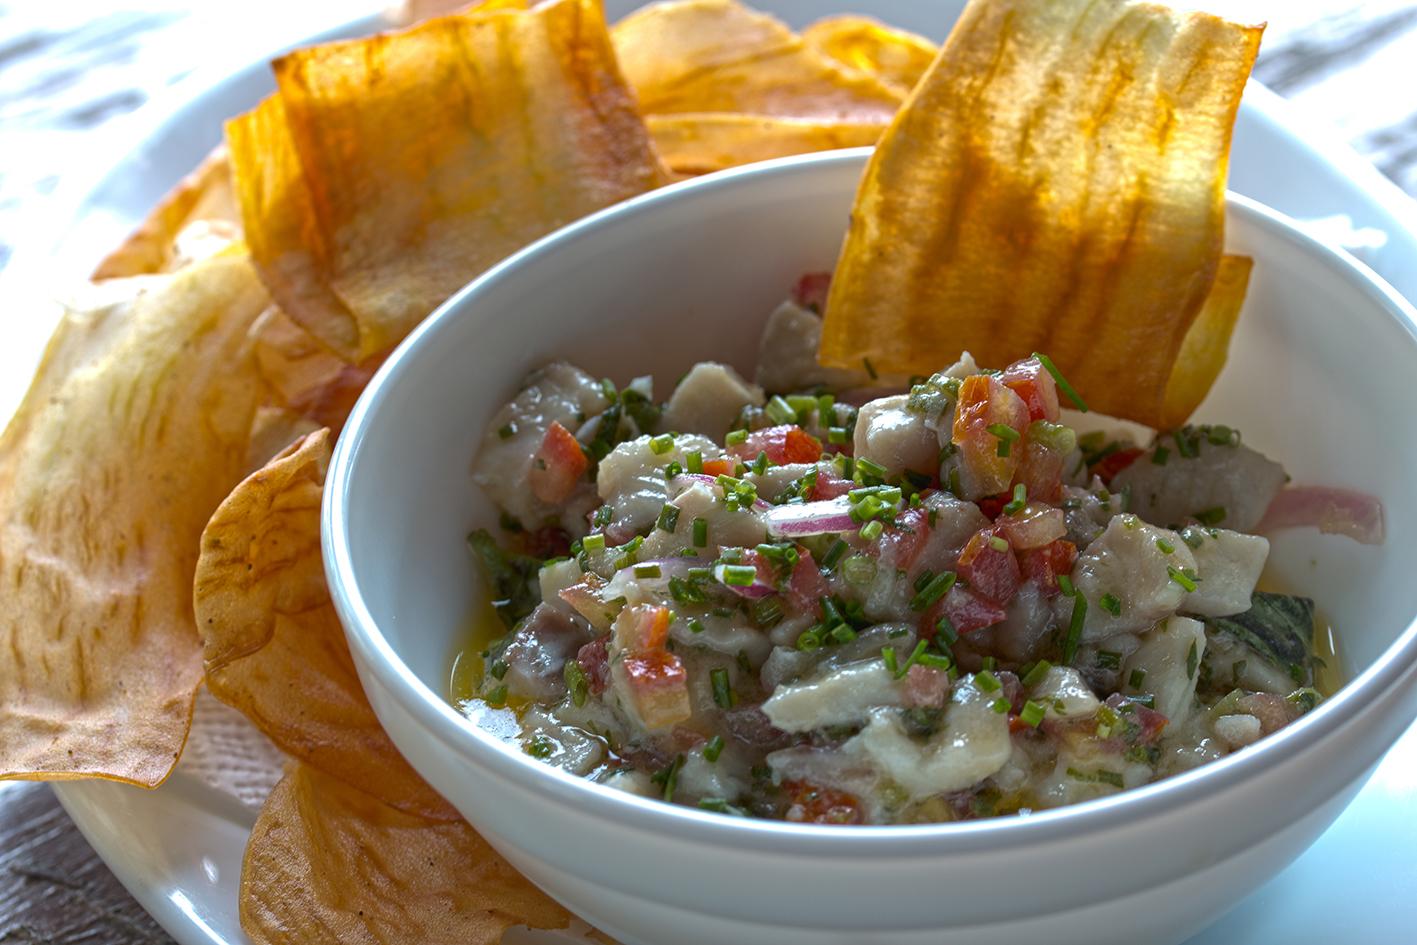 Ceviche de peixe branco com cebola roxa, todas as ervas do mundo e chips de batata doce